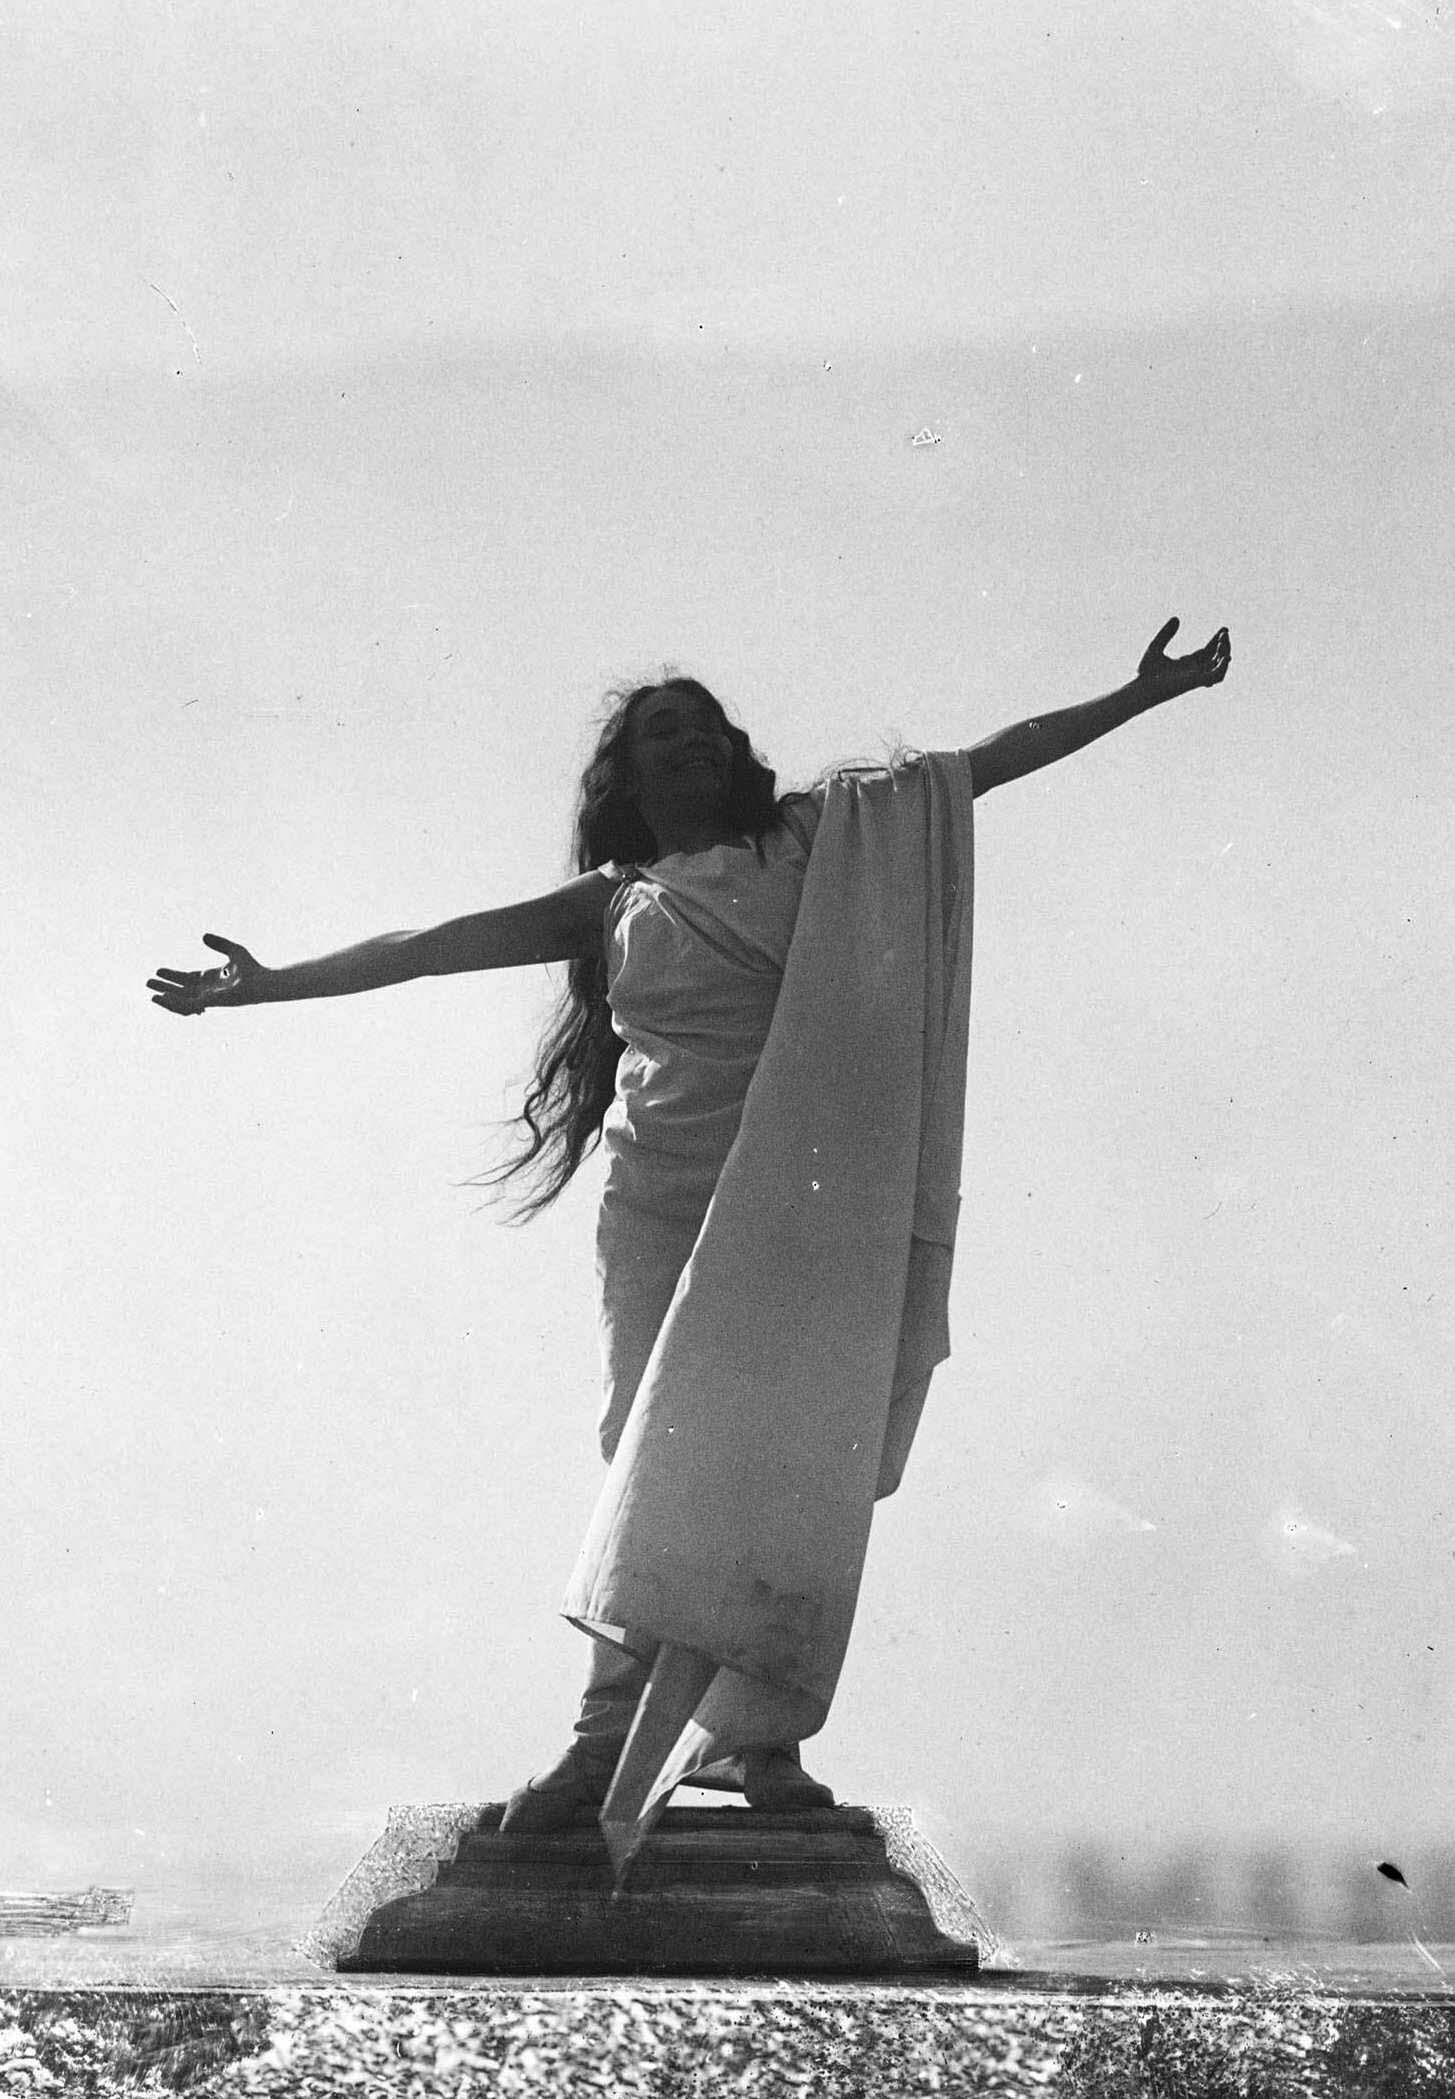 François Frédéric dit Fred Boissonnas - Magdeleine G. dansant Ete, hypnotisée par Emile Magnin, 1902-1904 Négatif au gelatino-bromure d'argent sur verre